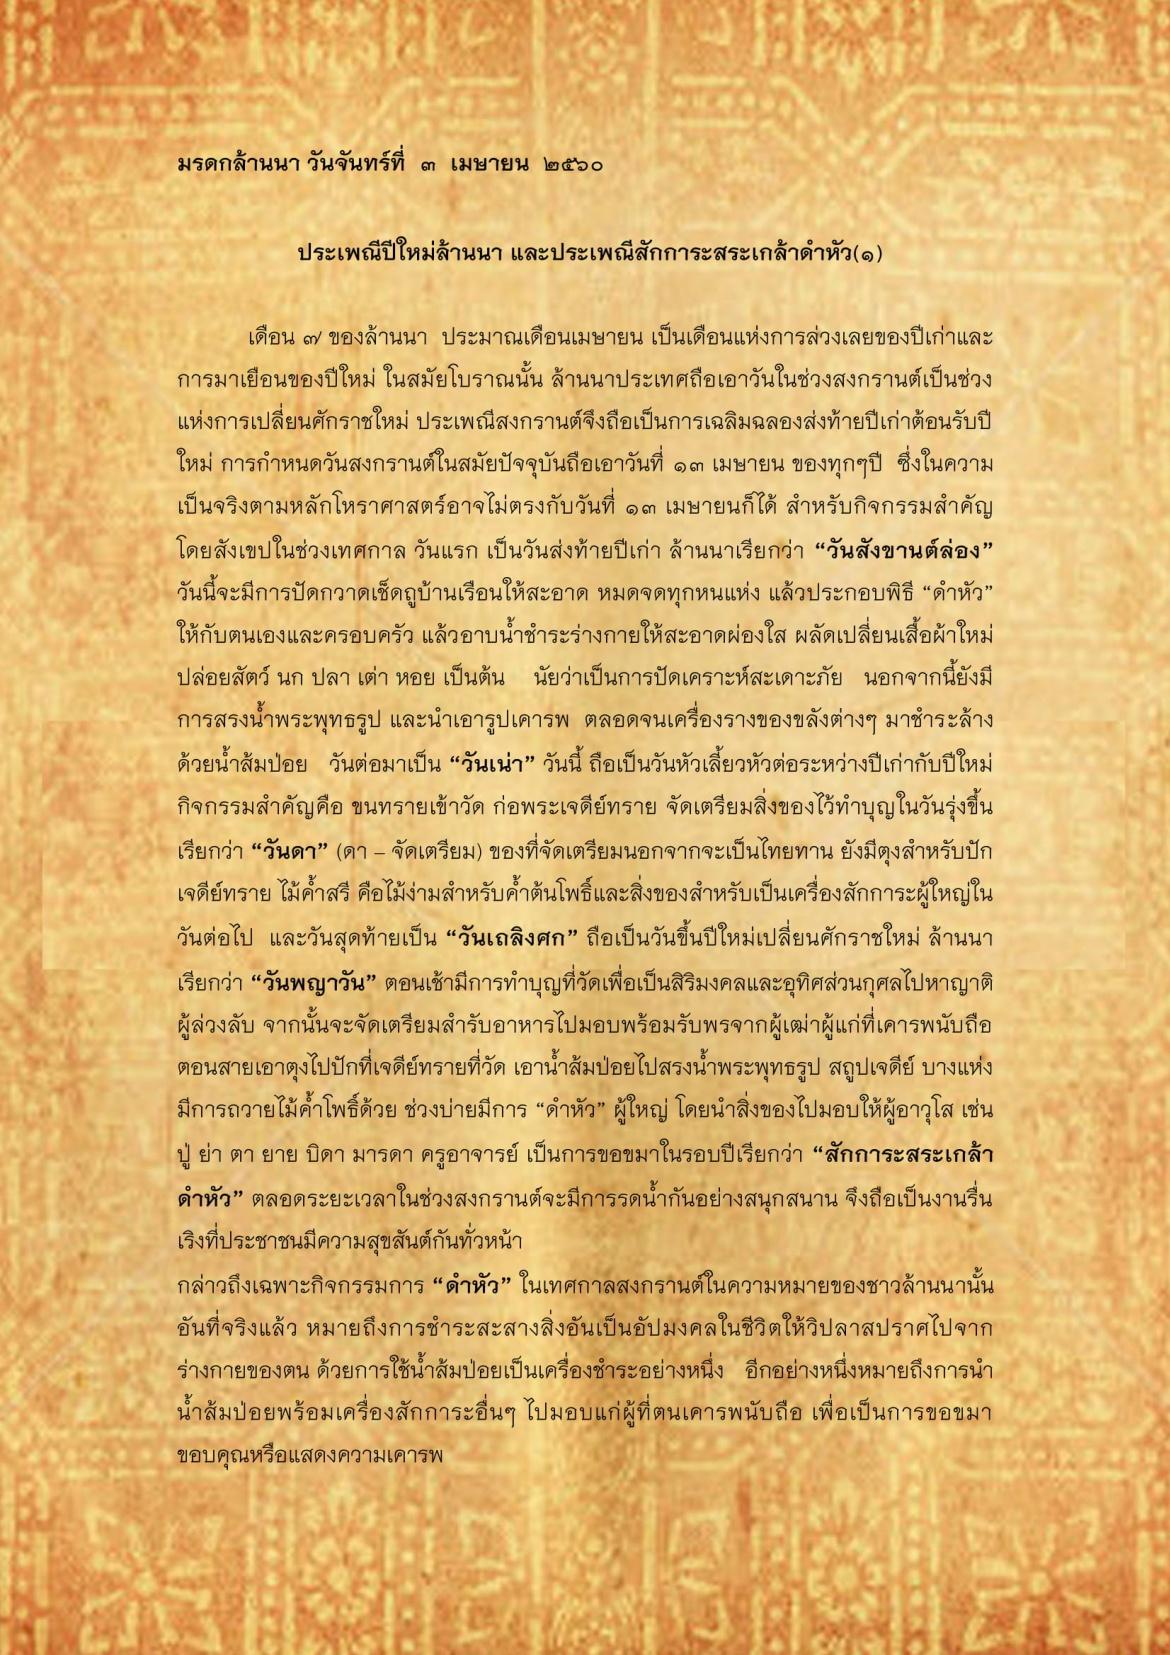 ประเพณีปีใหม่ล้านนาเเละประเพณีสักการะสระเกล้าดำหัว(1) - 3 เมษายน 2560